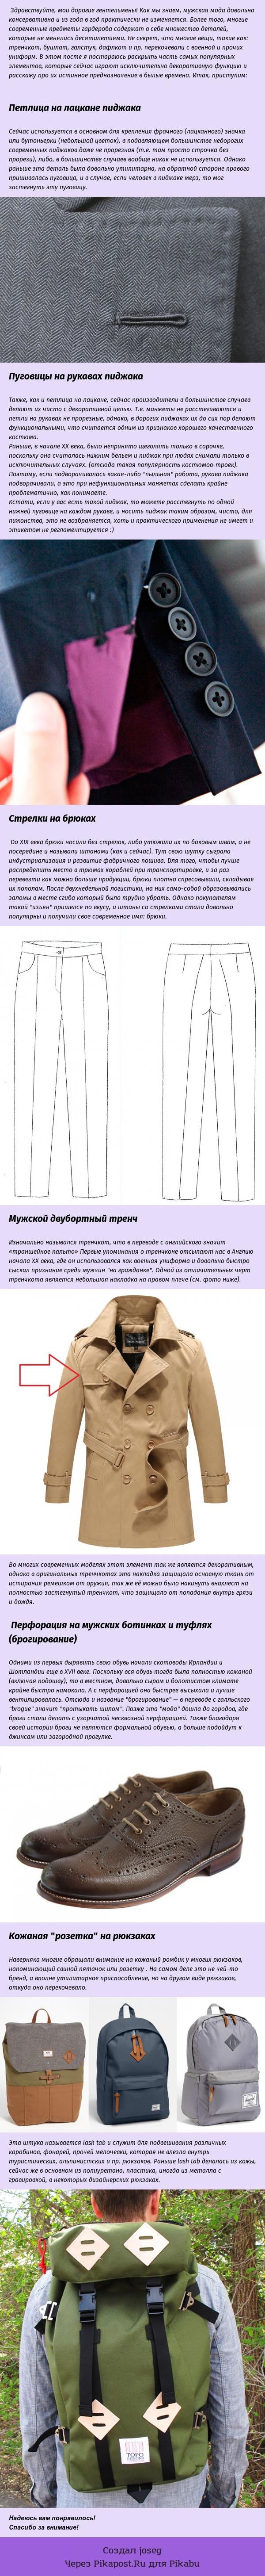 Откуда ноги растут, или история элементов мужской (и не только) одежды Кбг, История одежды, Интересное, Длиннопост